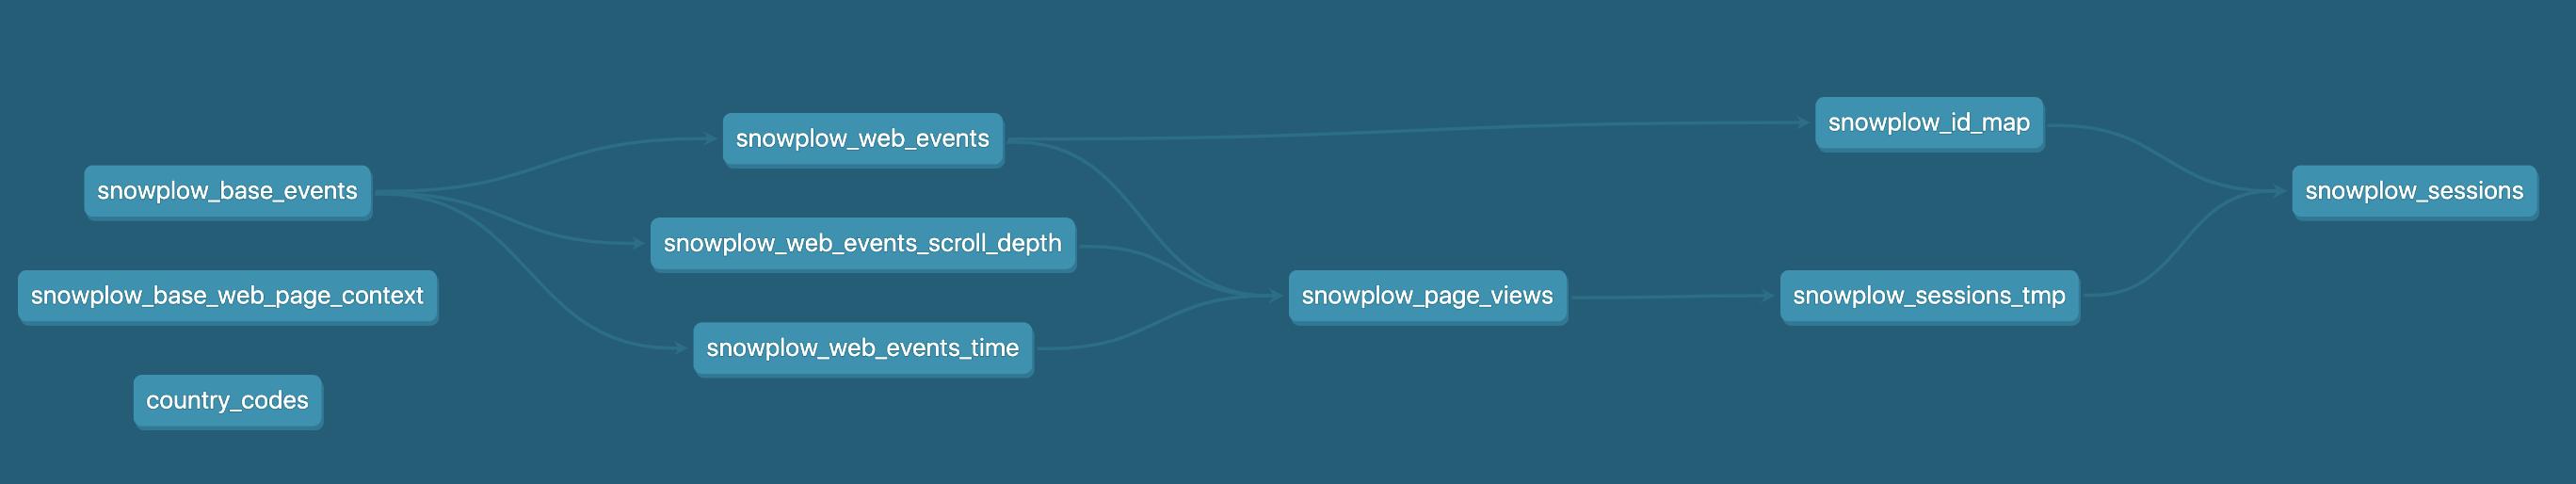 snowplow graph